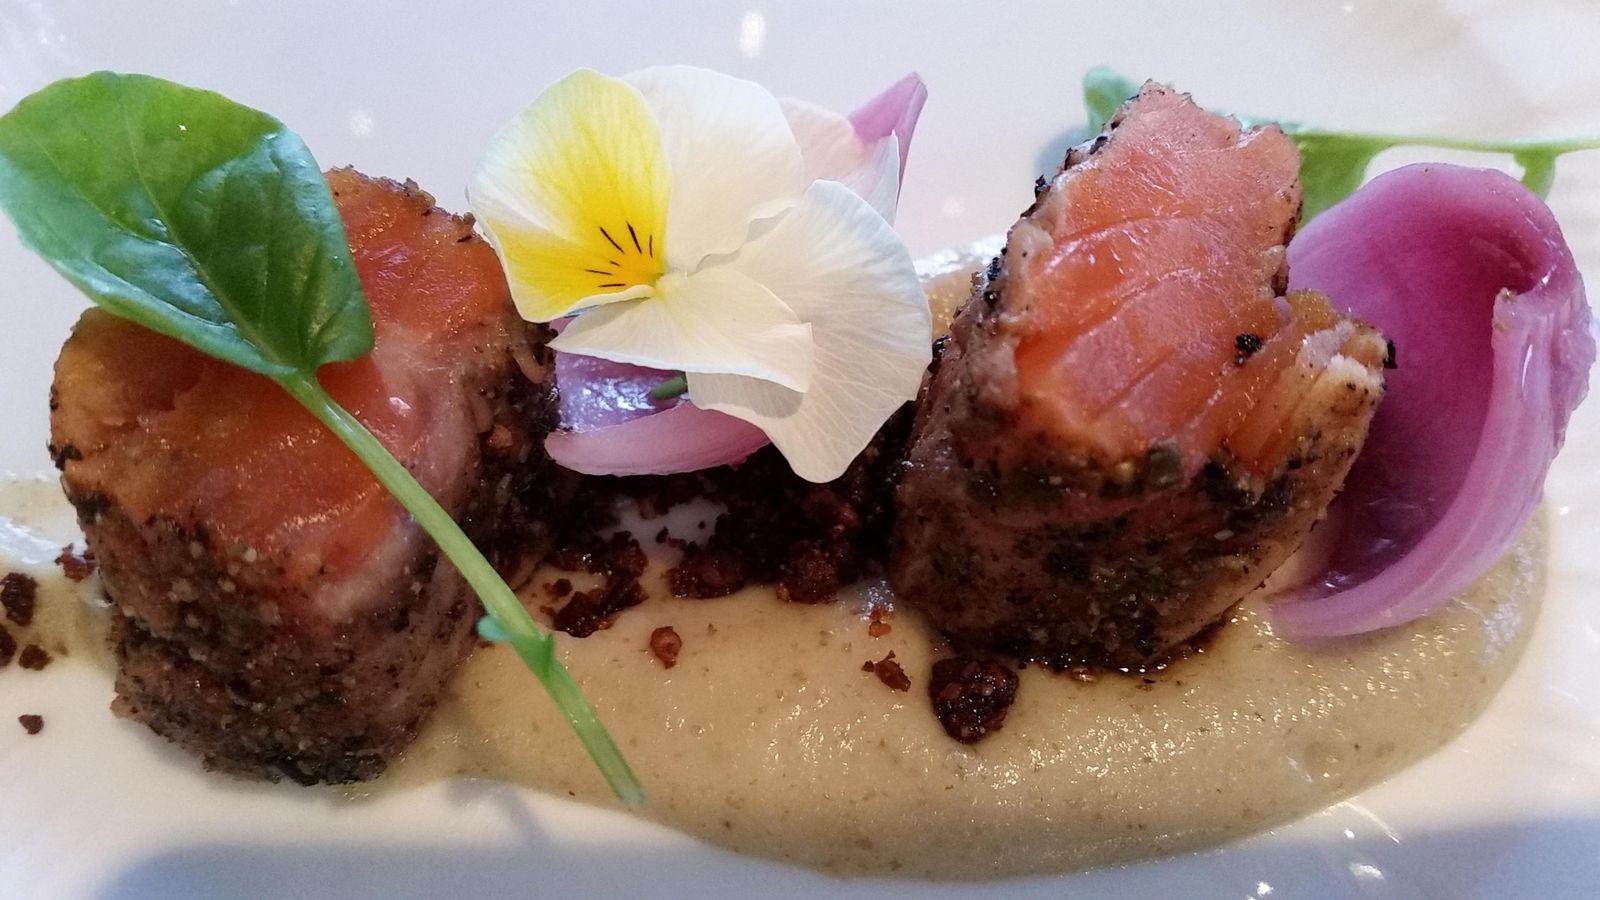 Foto: Sushi de trucha del mar de Noruega. Foto: Capriles